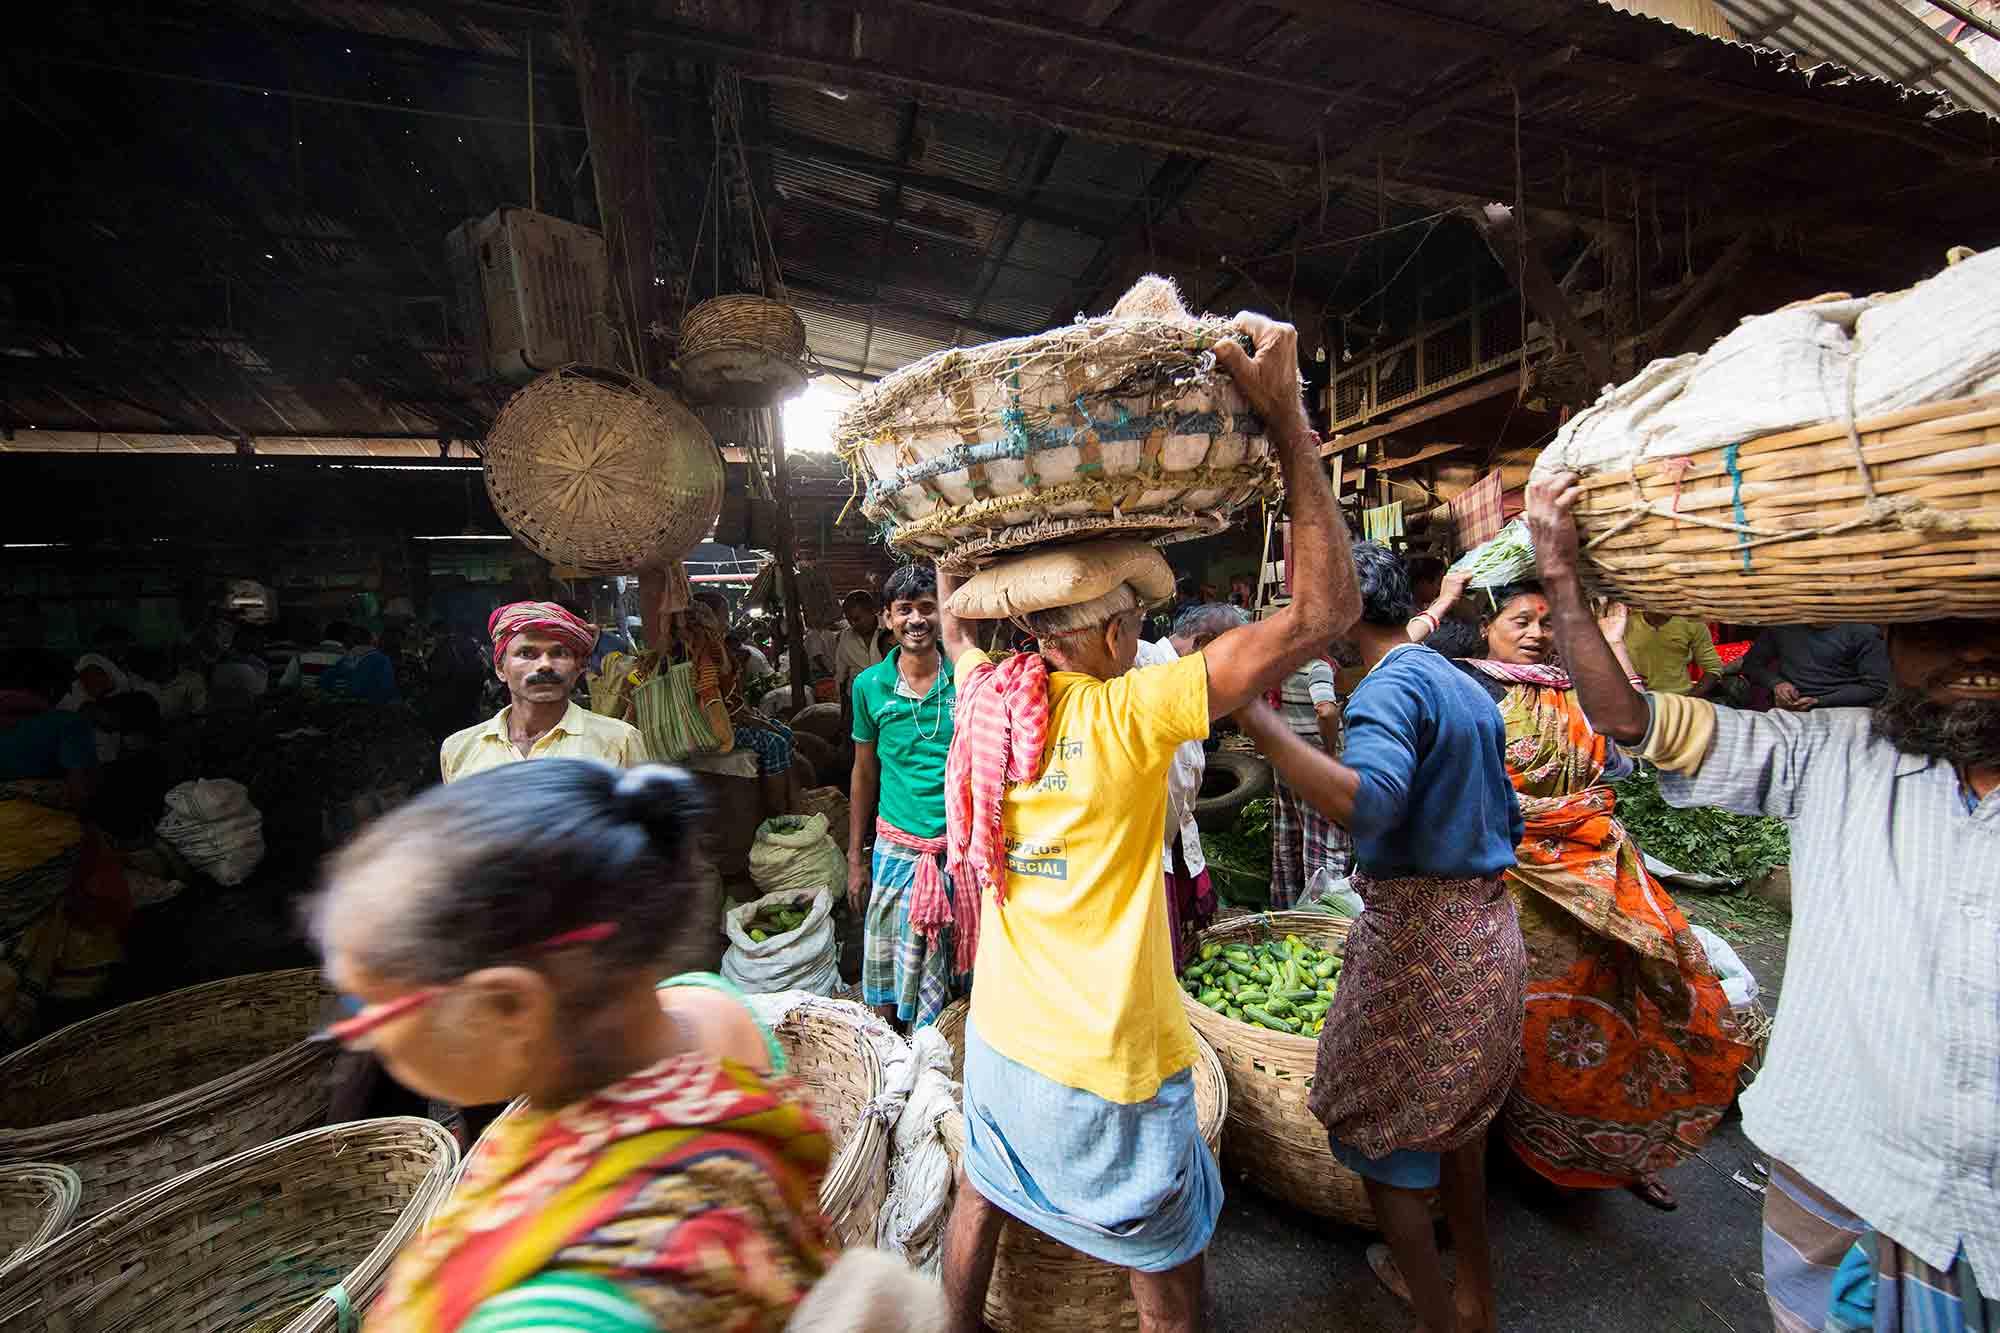 Koley-Market-kolkata-india